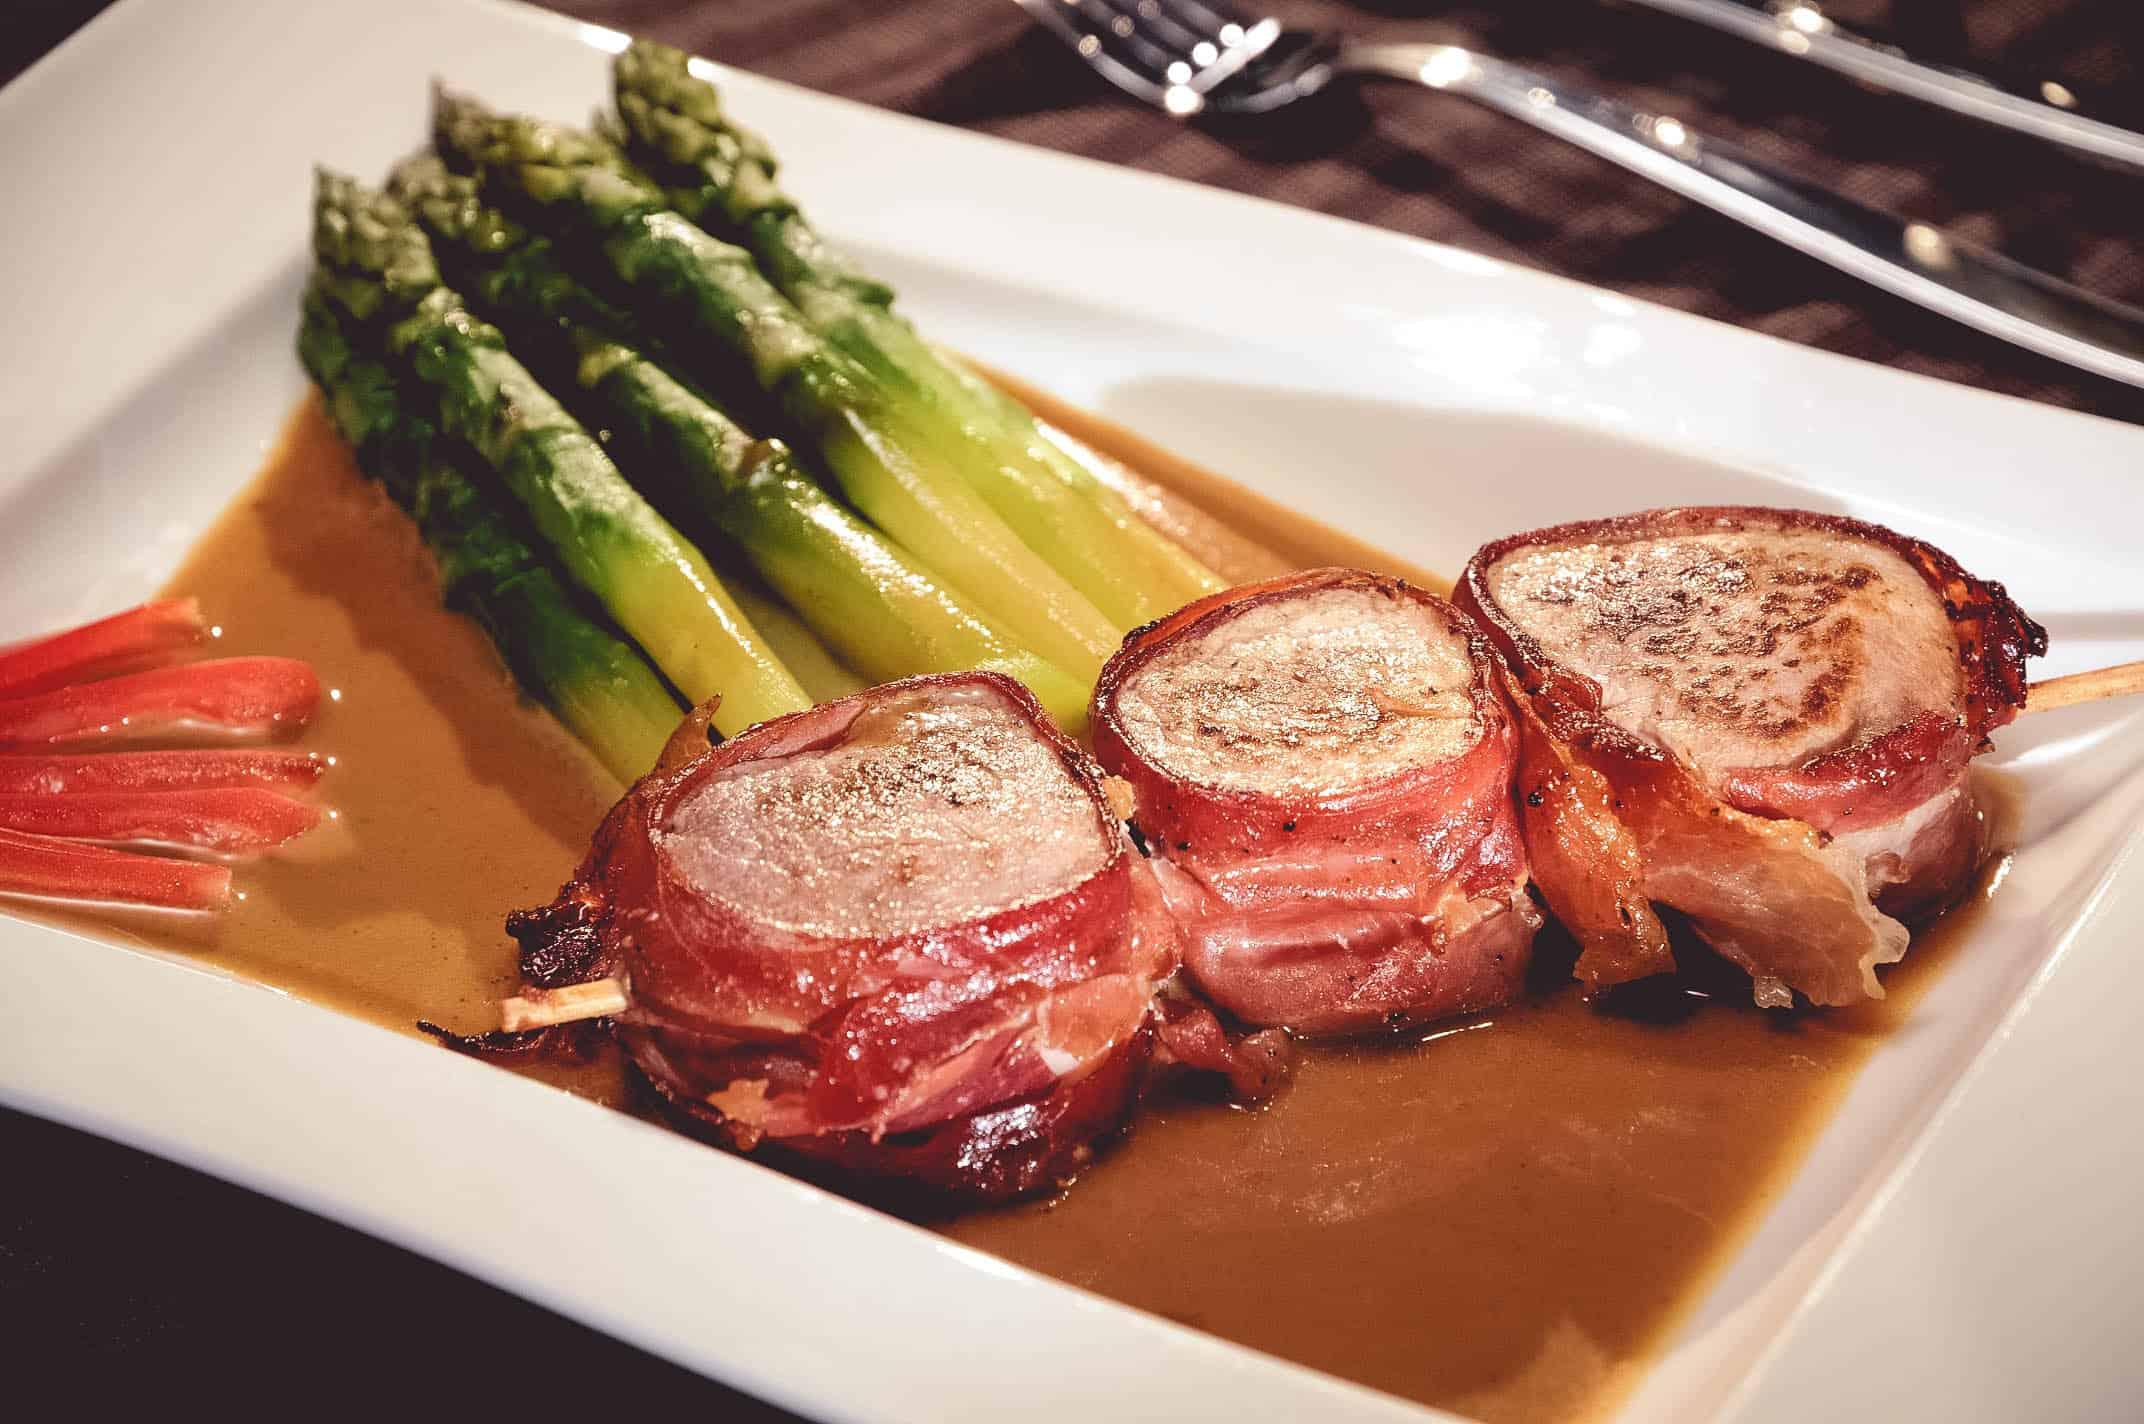 Brochette de filet de porc enrobé de jambon, fricassée d'asperges et jus de veau